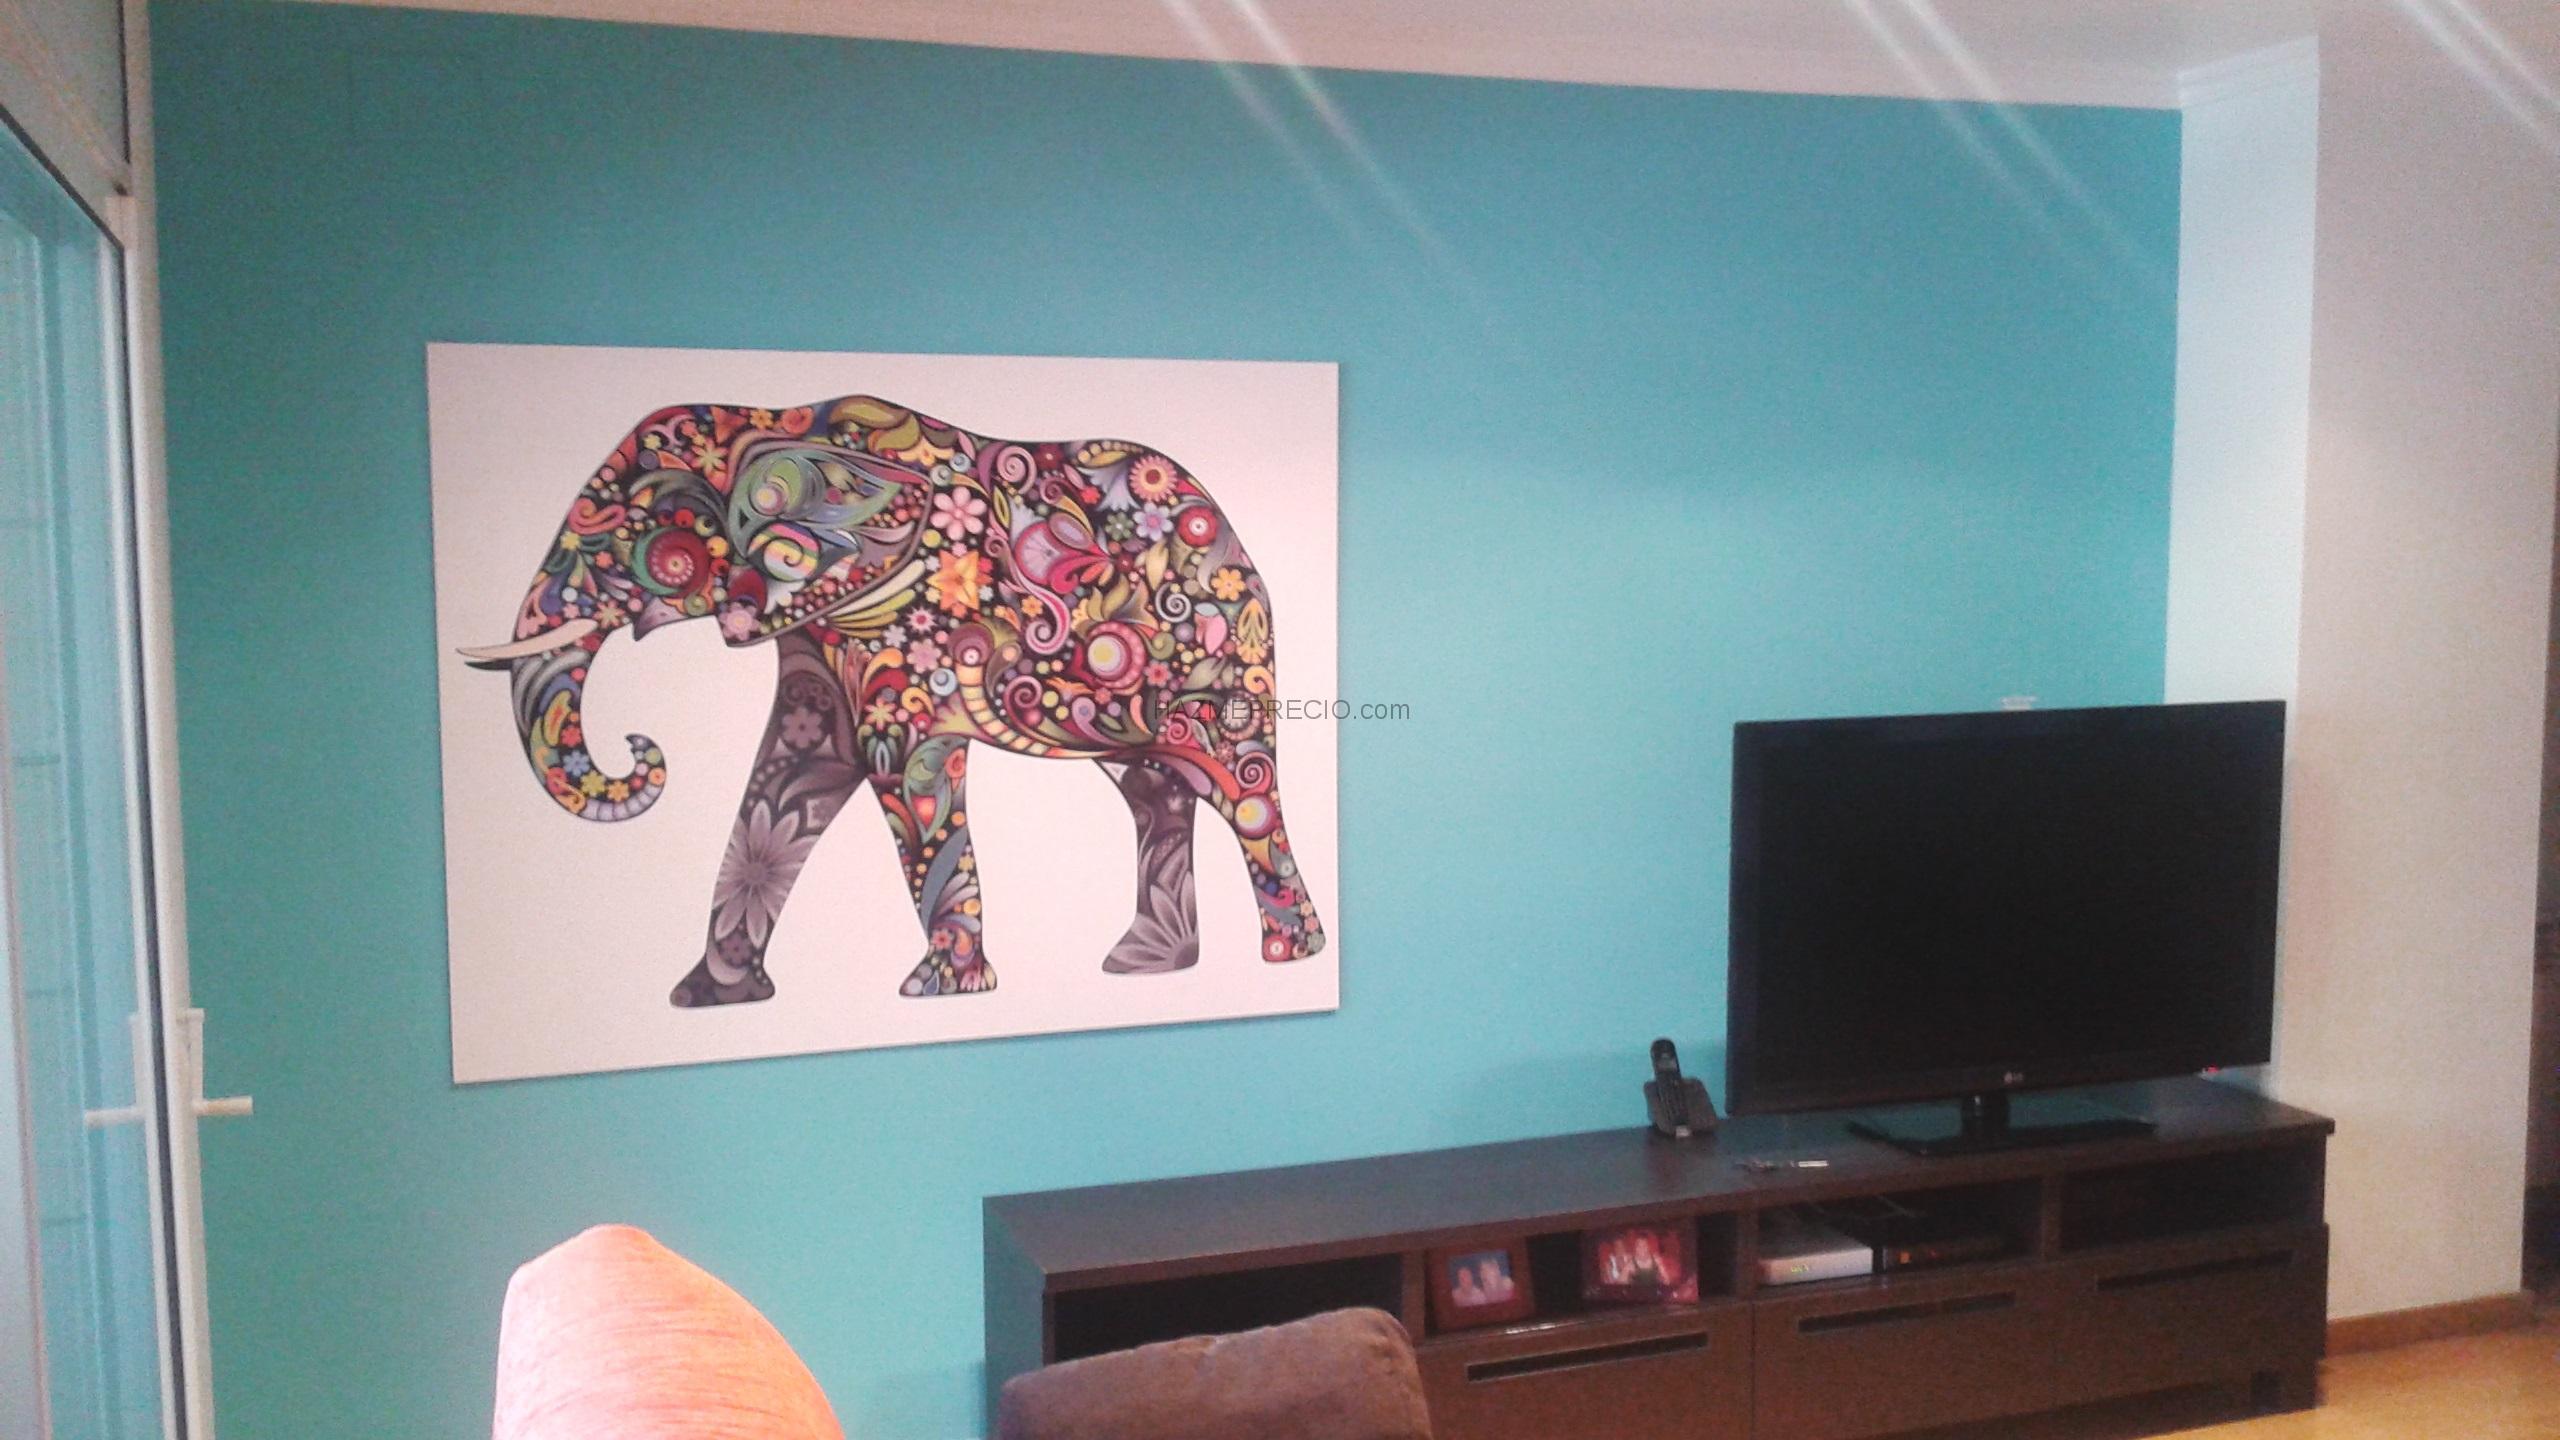 Pinturas far 08004 barcelona barcelona - Pintado de paredes ...